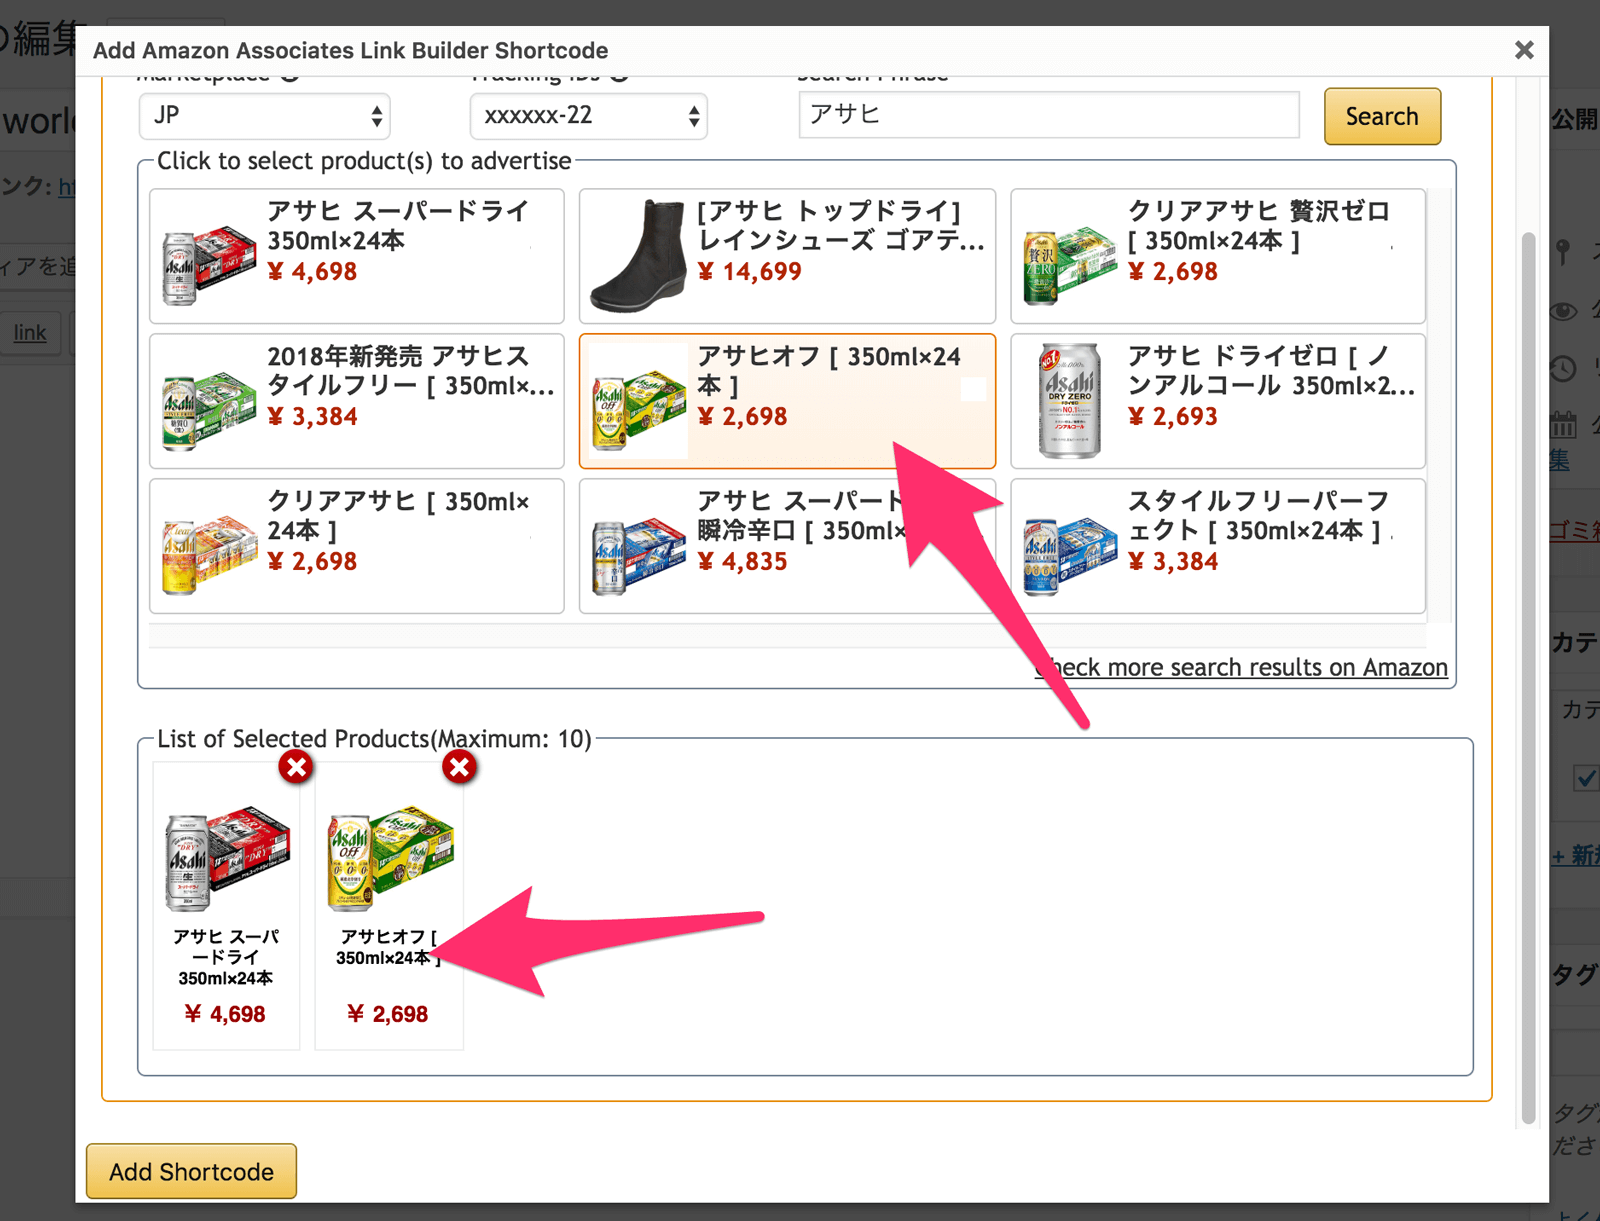 リンクを作成したい商品を選択する